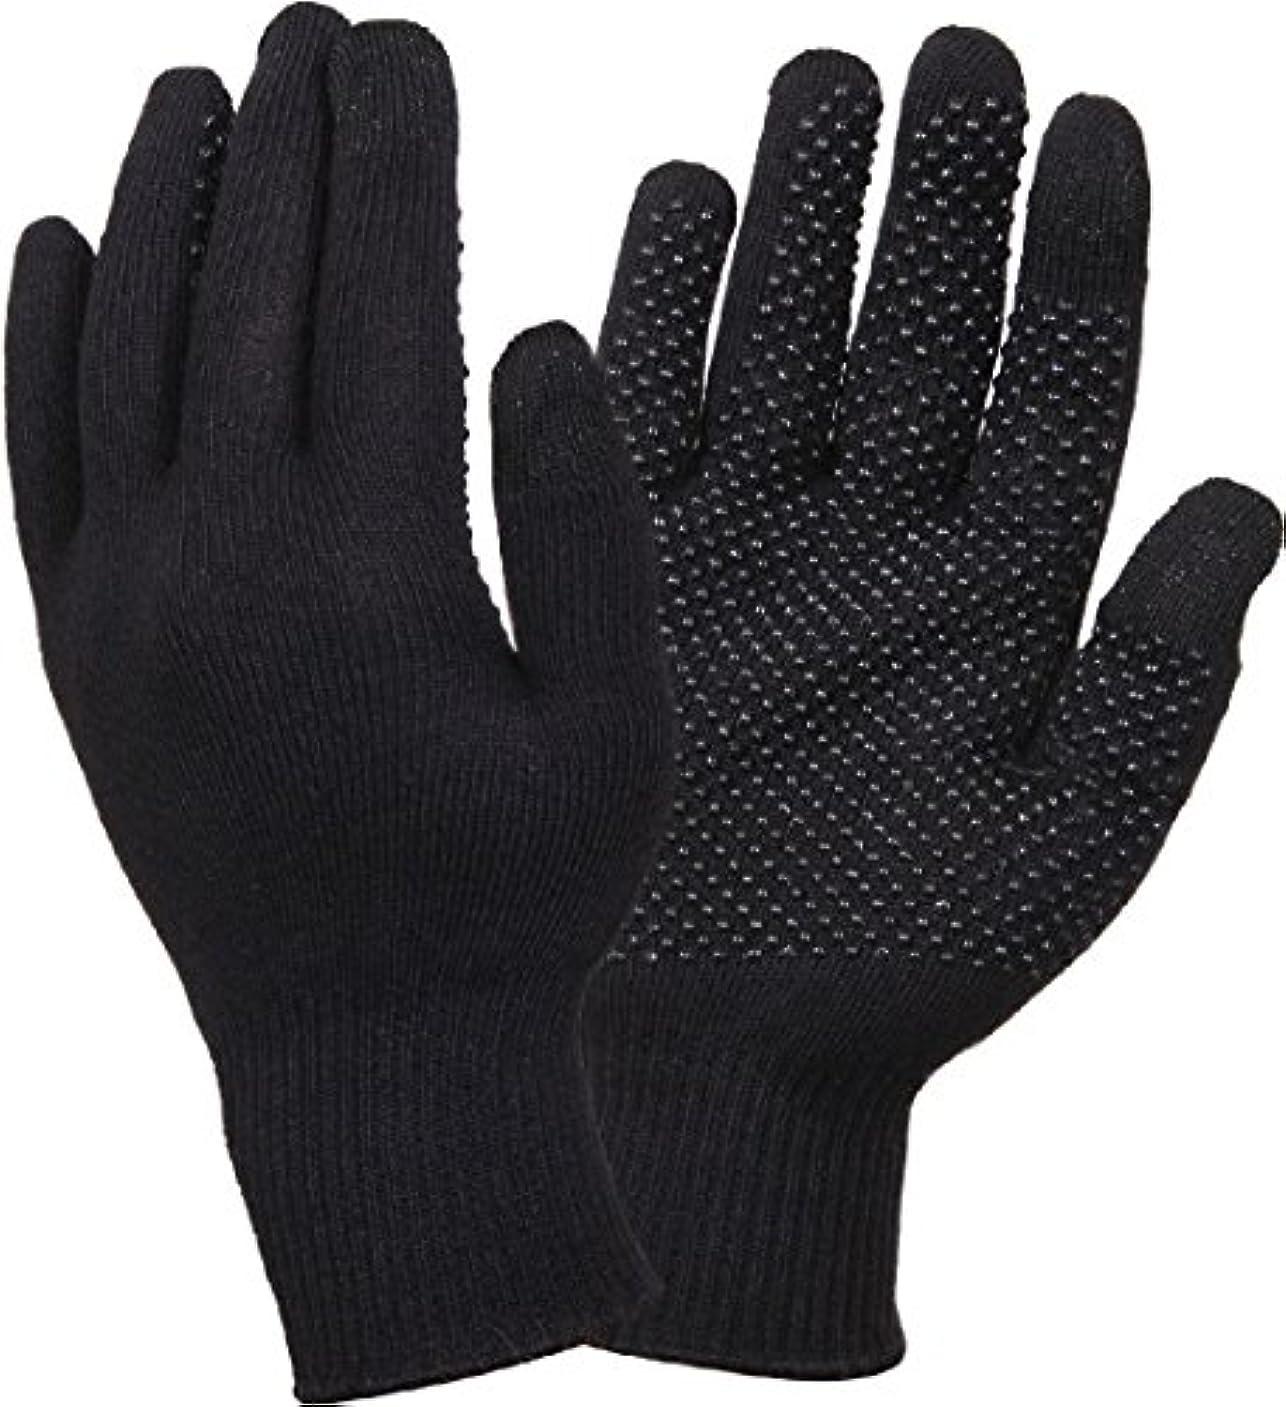 離れて落胆させるスリンクブラックCold Weatherタッチ画面手袋with Gripperドット